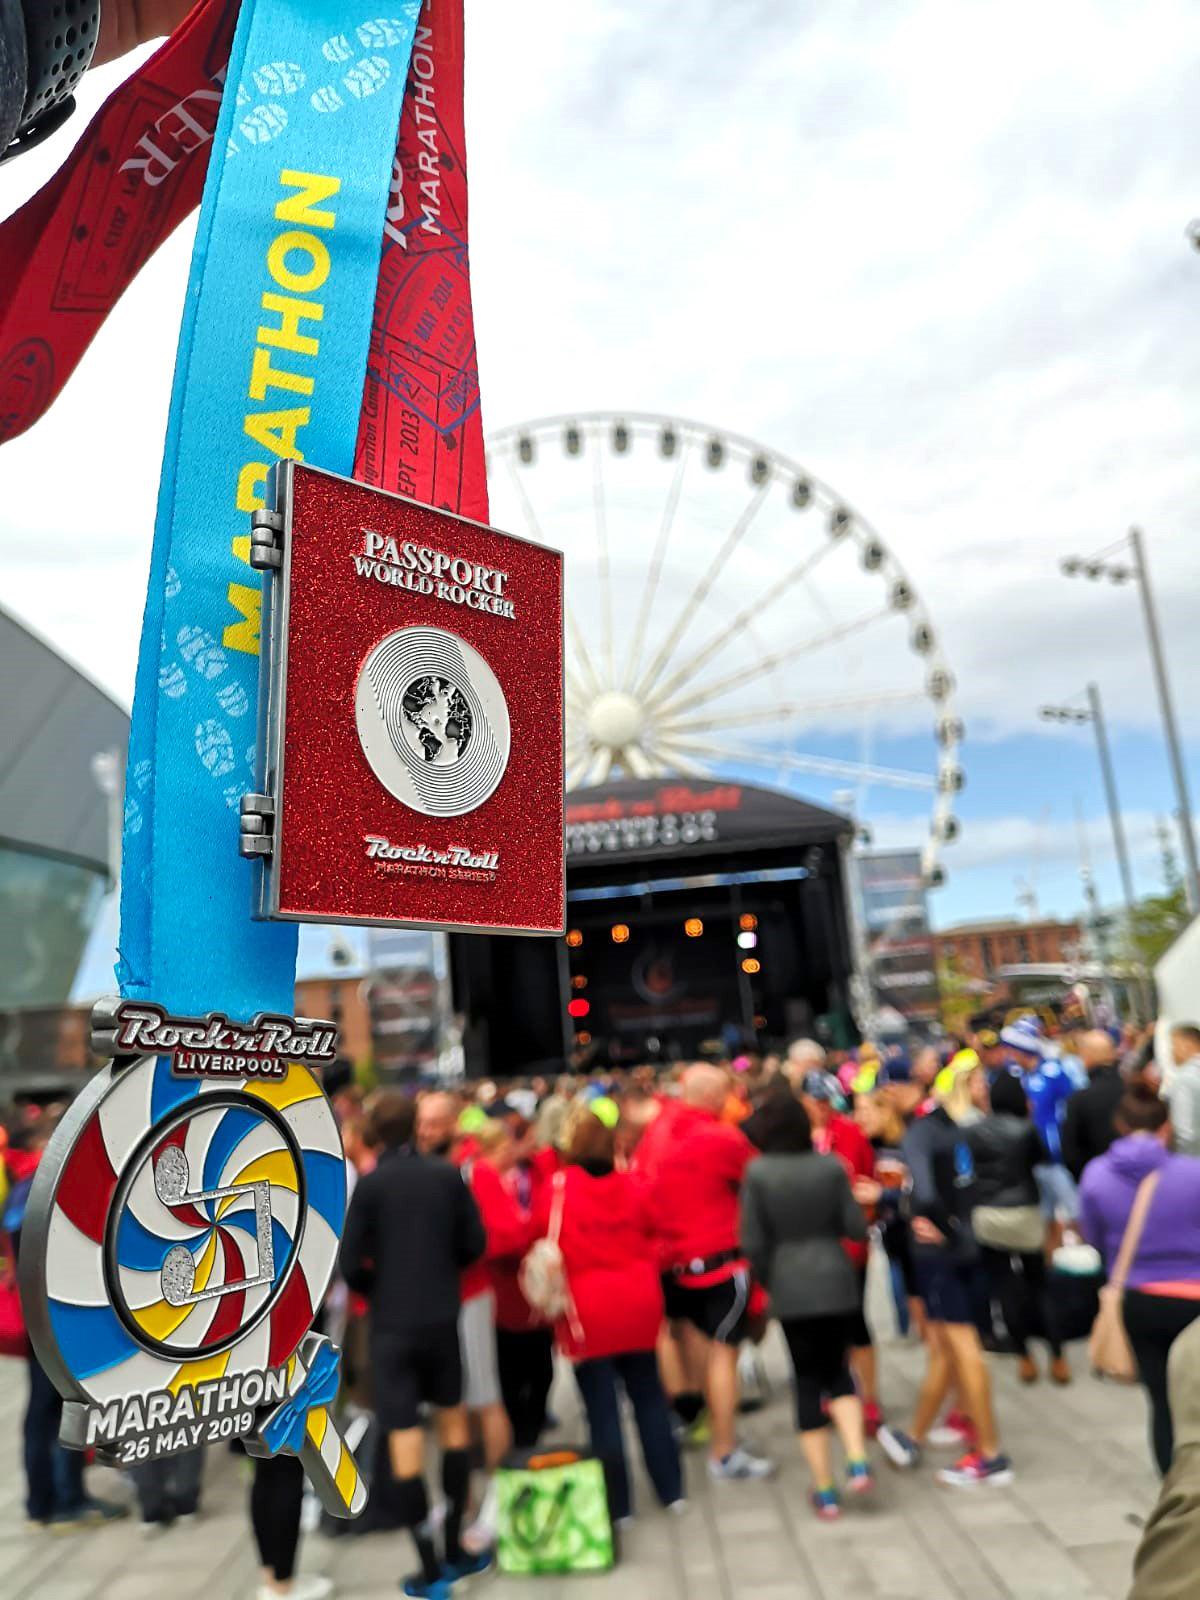 Maratón de Liverpool, Marathon maratón de liverpool - 48687609506 988f71e181 h - Maratón de Liverpool: análisis, recorrido, entrenamiento y recomendaciones de viaje